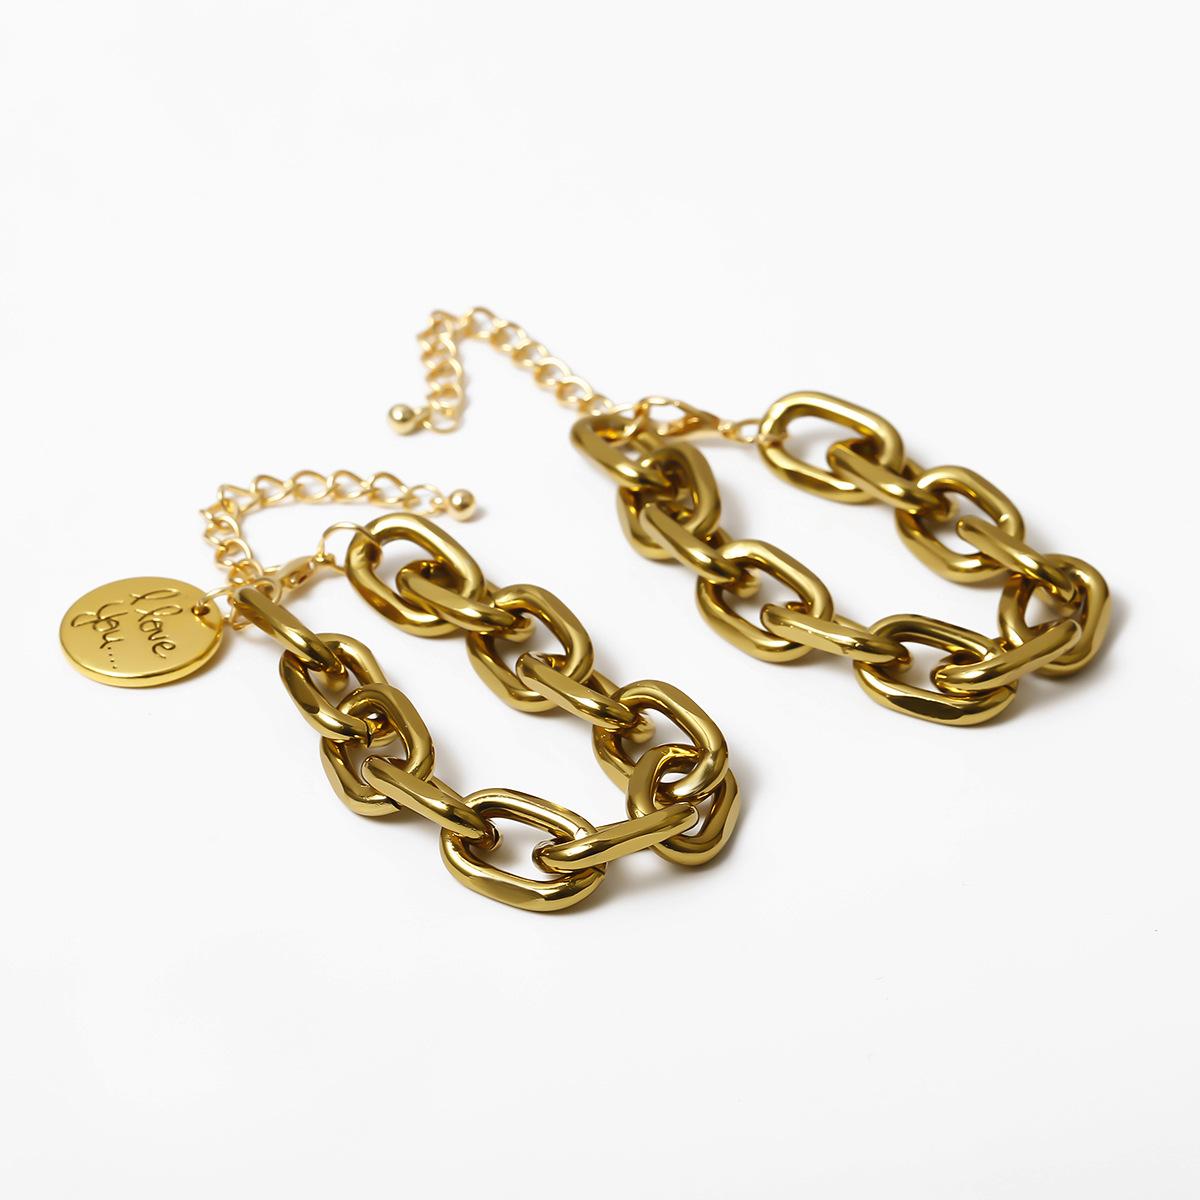 New Fashion Hip Hop Style Letter Tag Set Chain Bracelet Wholesale NHXR204524